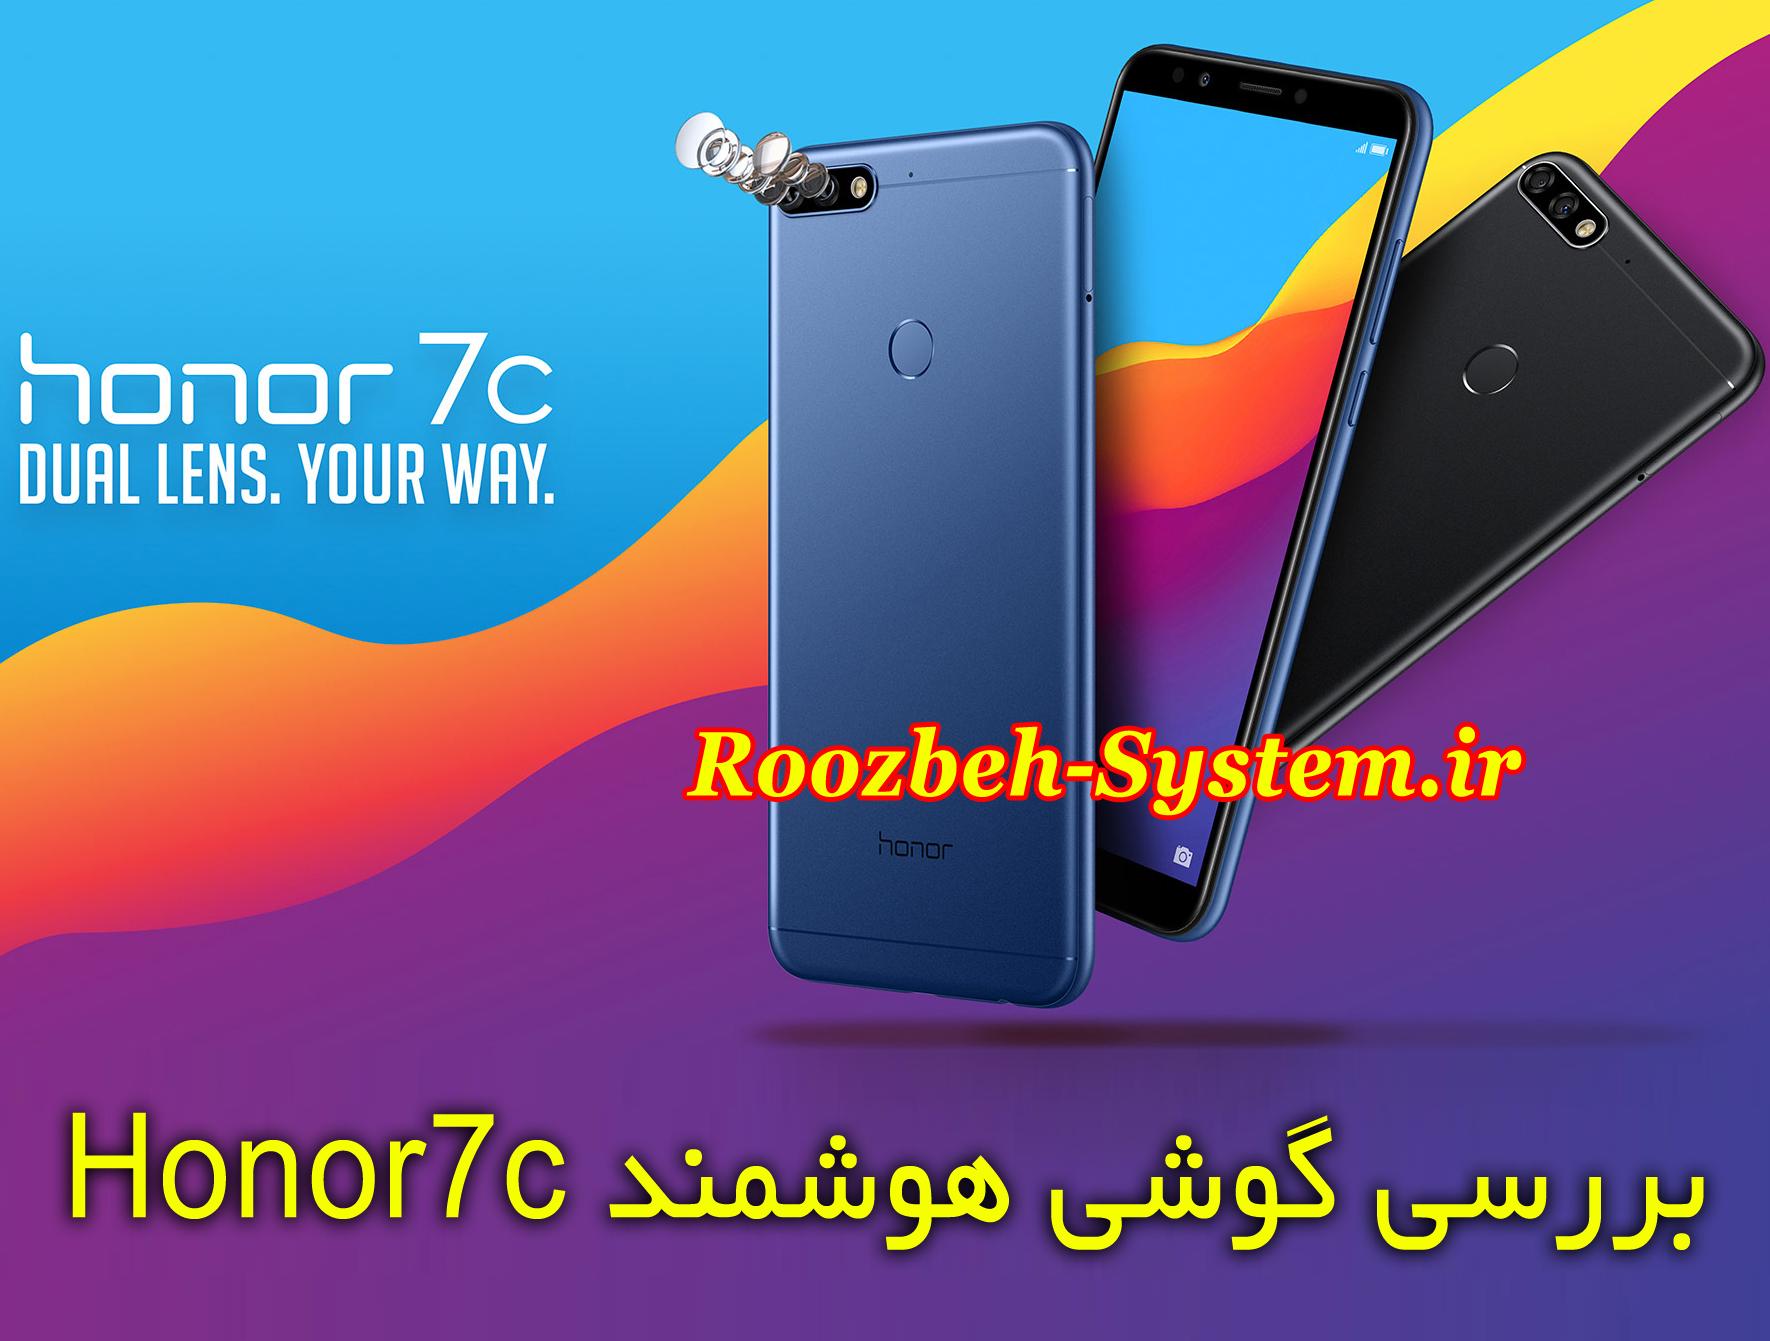 مقرون به صرفه ترین گوشی؛ گوشی هوشمند Honor 7C